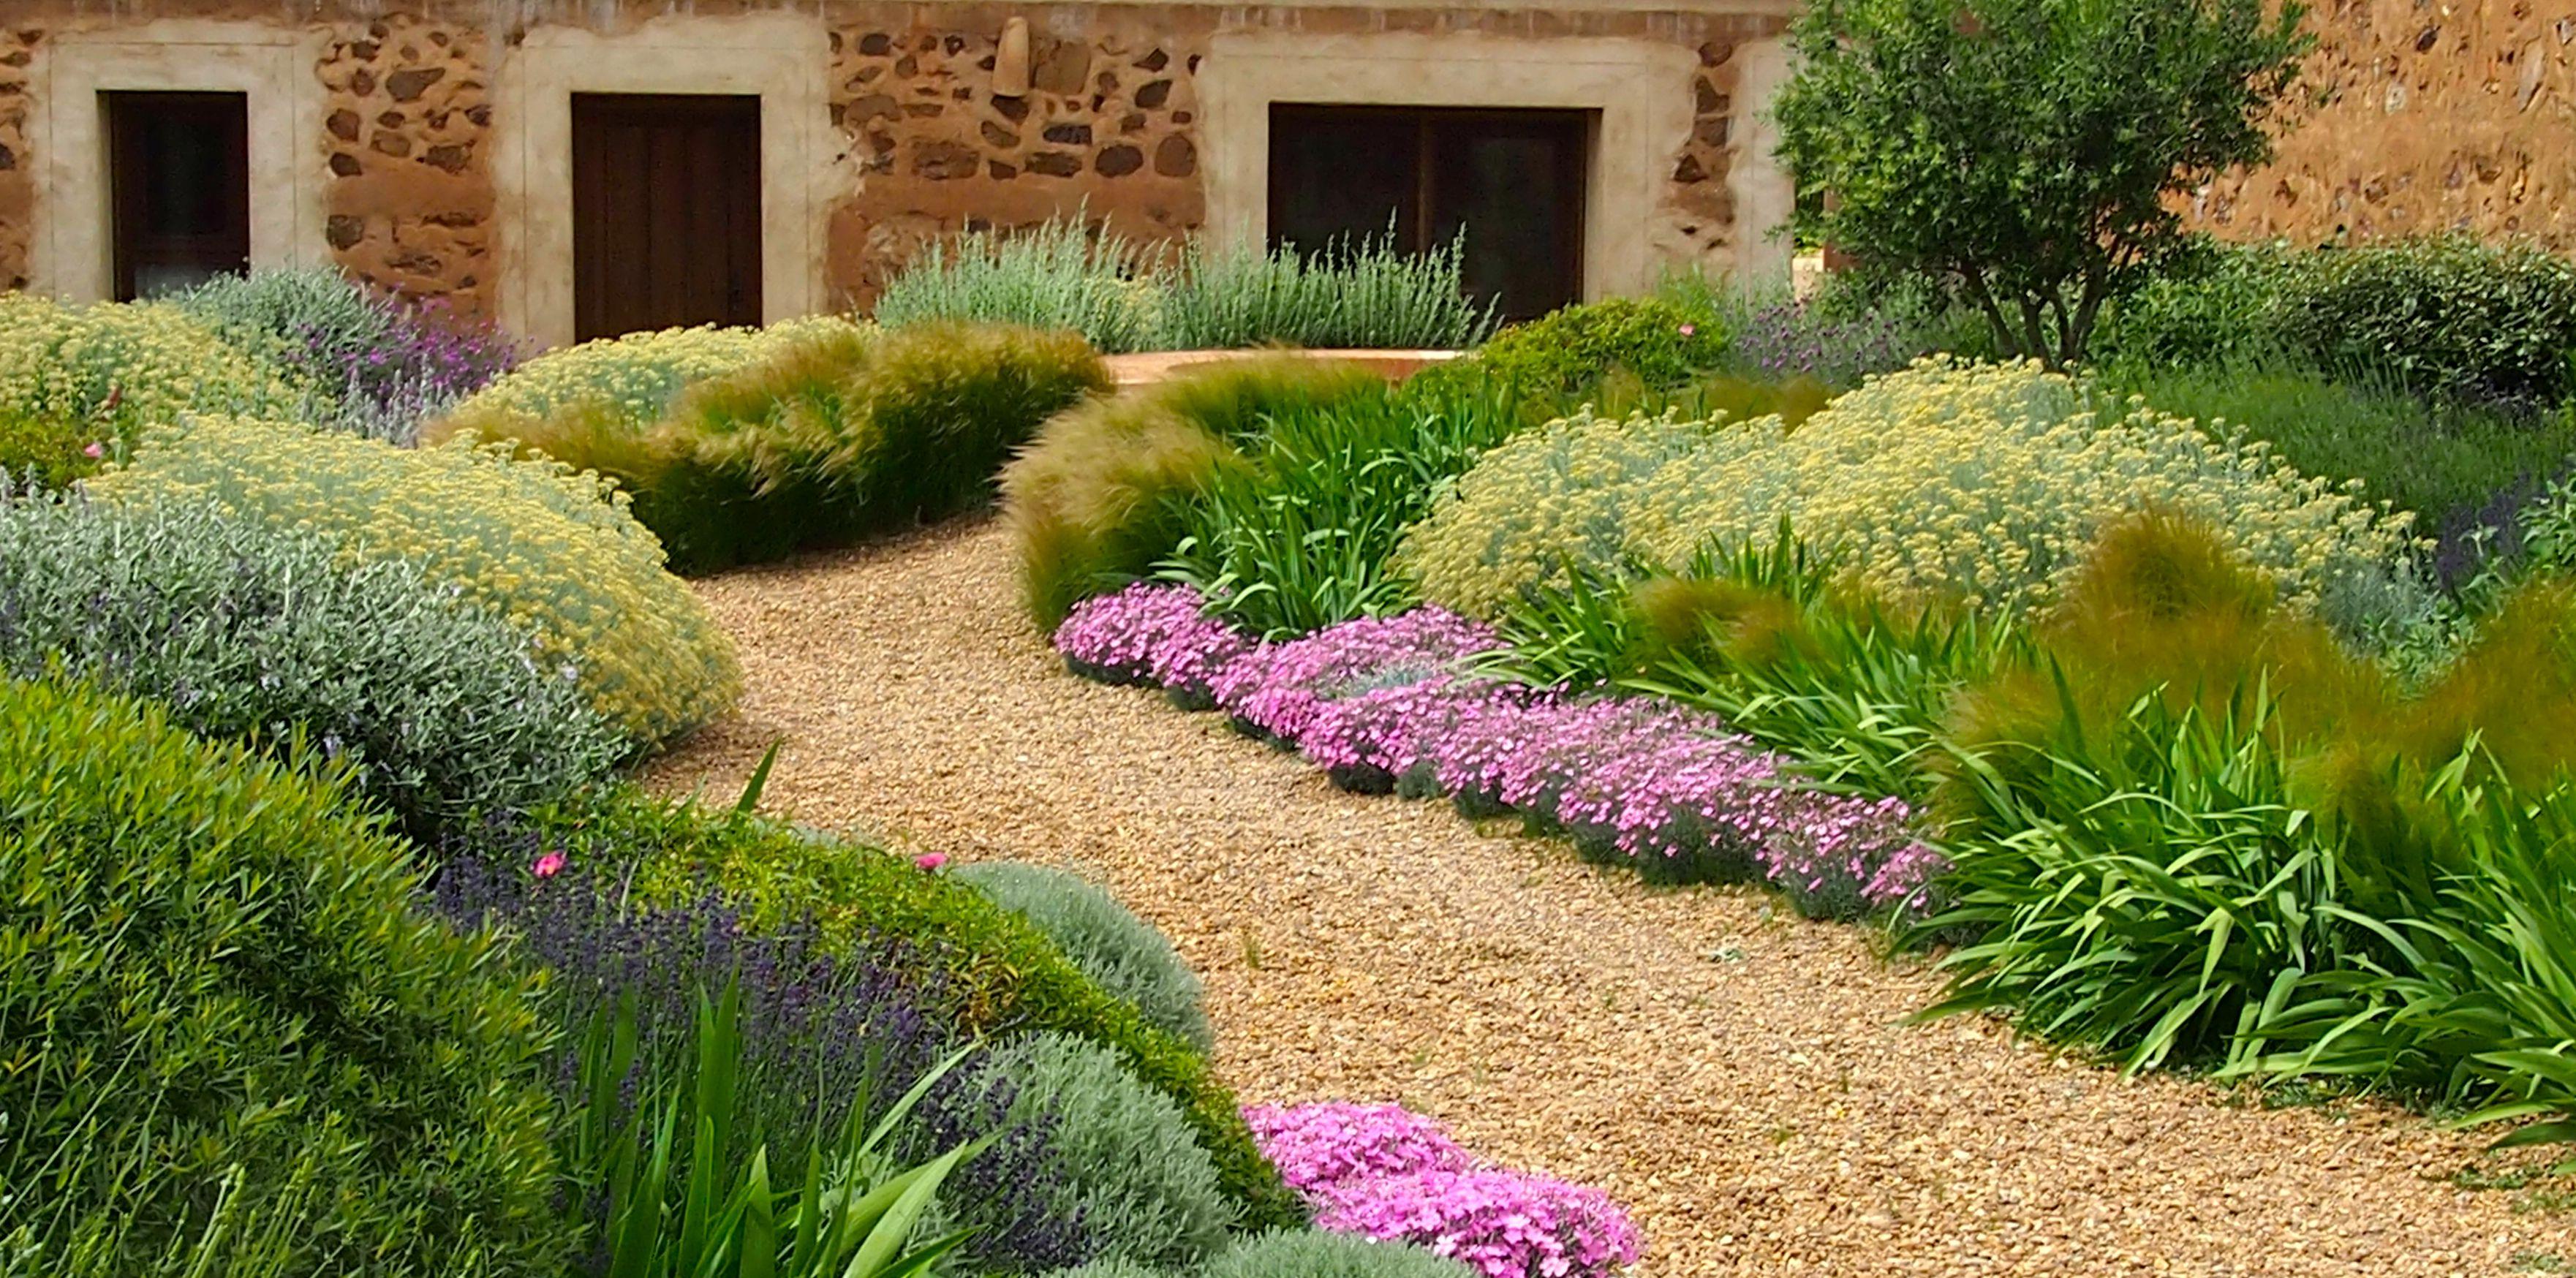 Pin de olga chaparro en masias jard n mediterr neo jardiner a y paisajismo Diseno jardin mediterraneo